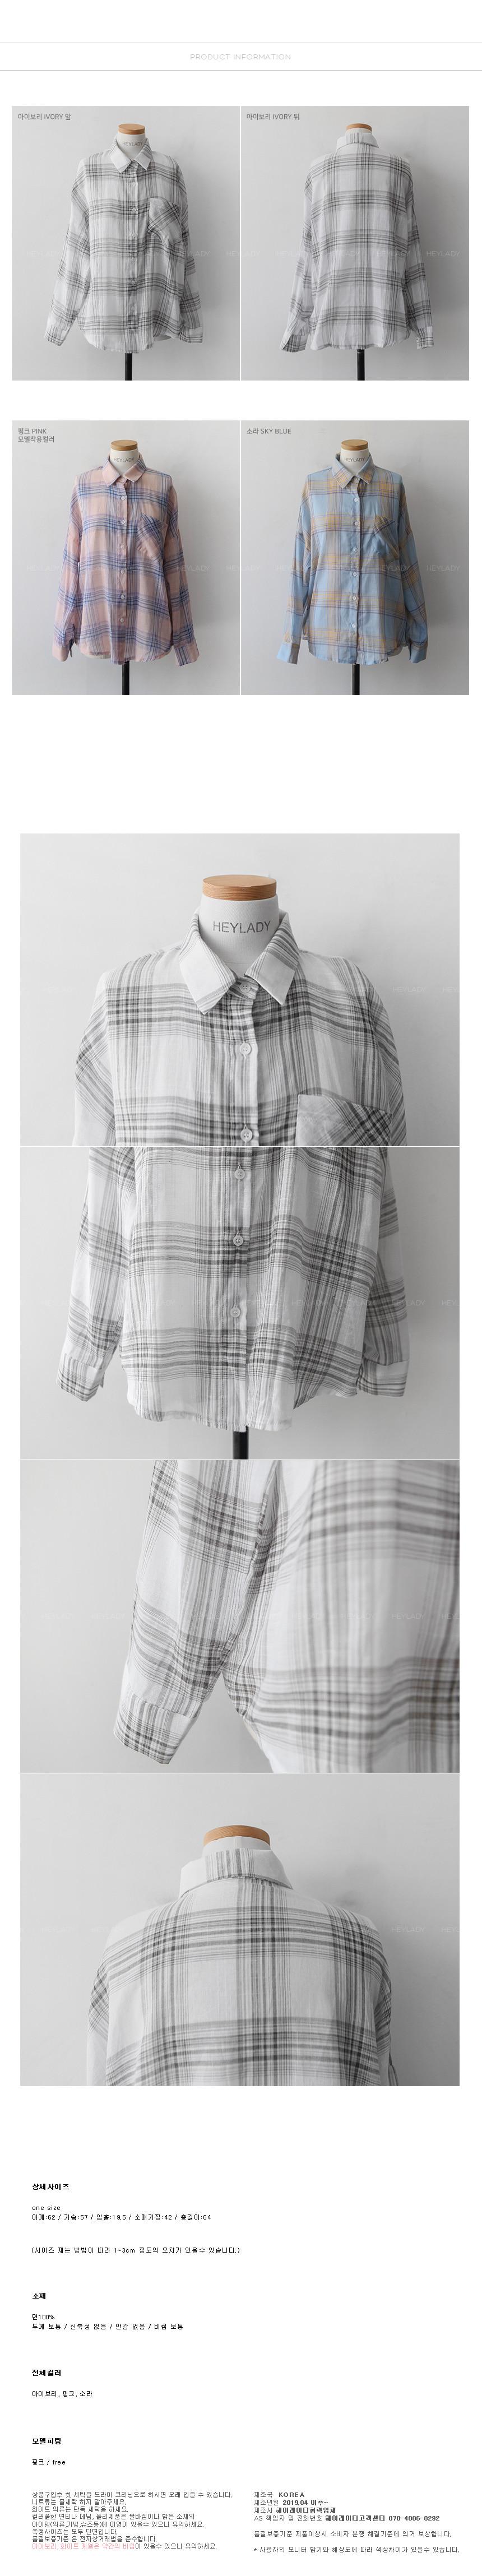 Iman Cool Check Shirt